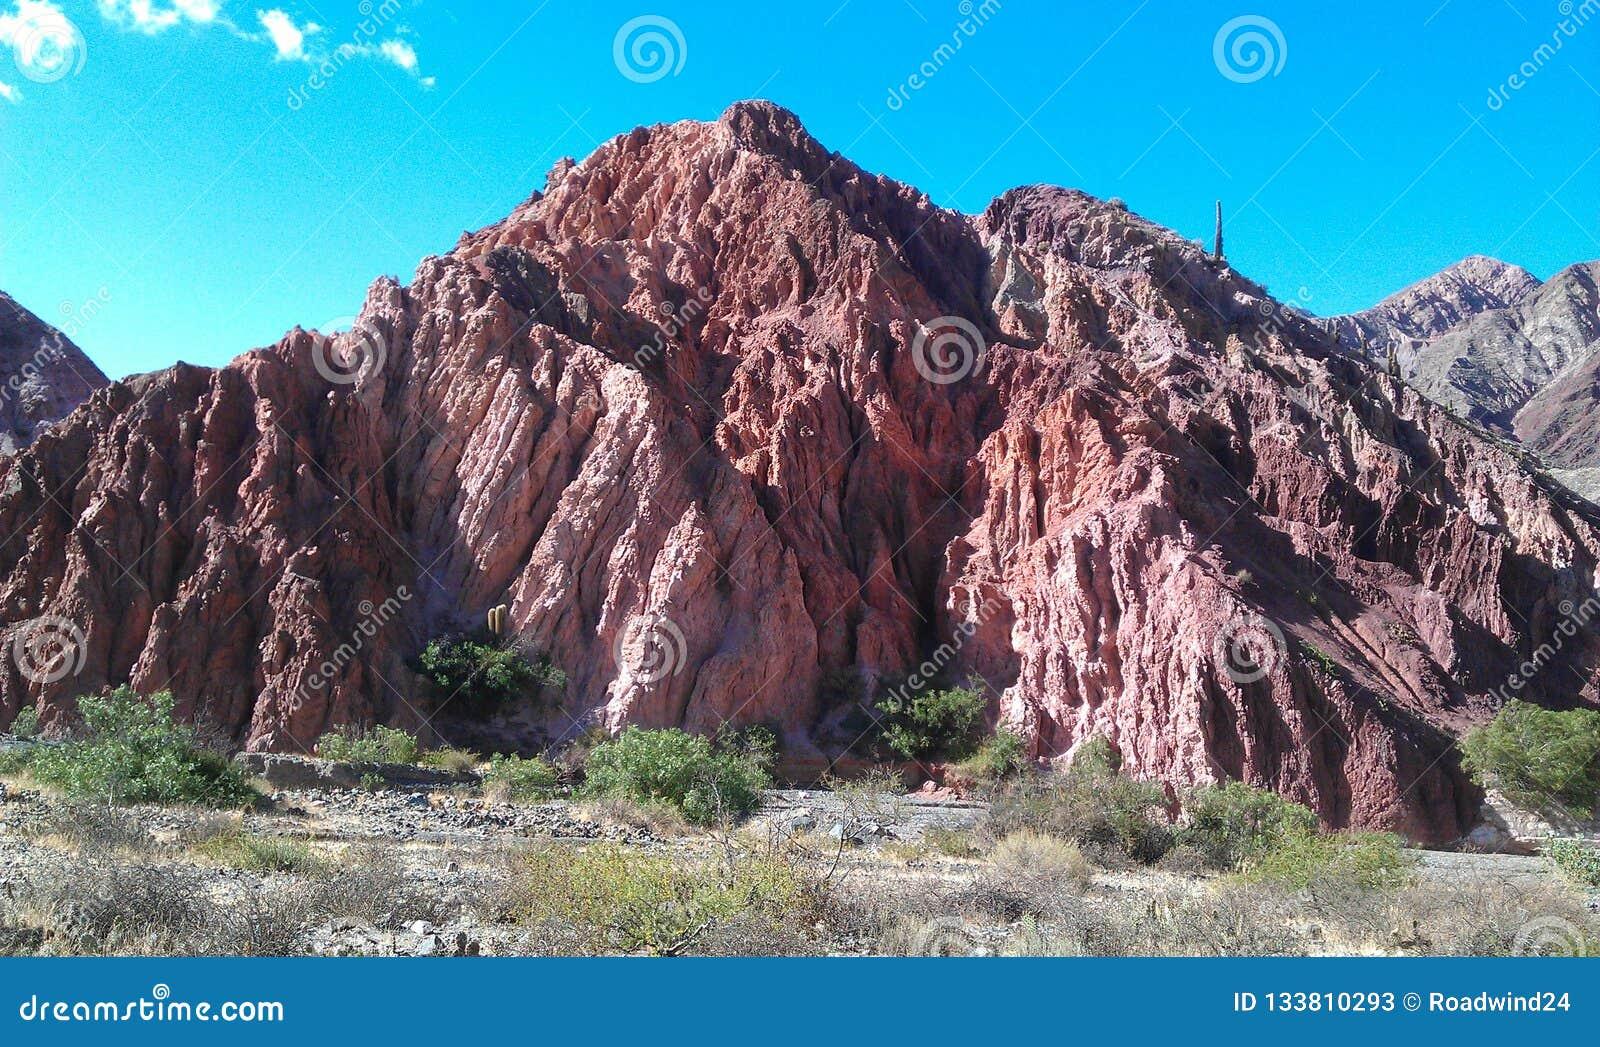 Überraschende rötliche Felsformation mit Kaktus